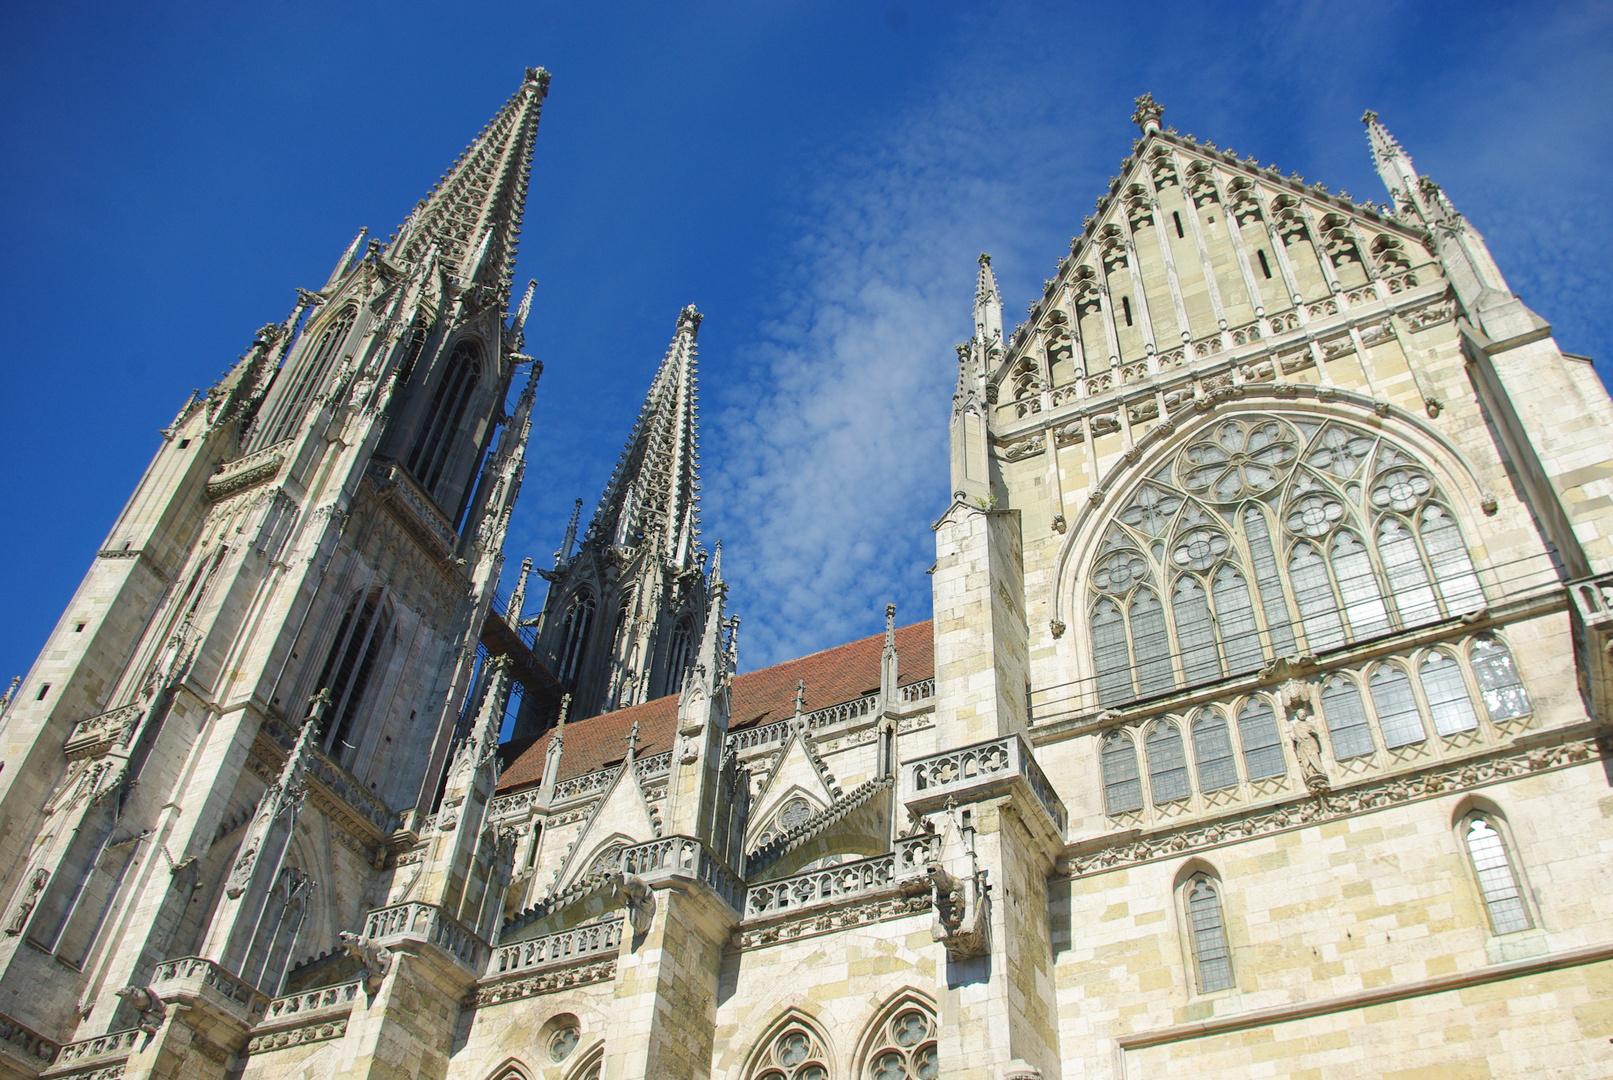 Der Regensburger Dom bei schönem Wetter aus einer interessanten Perspektive